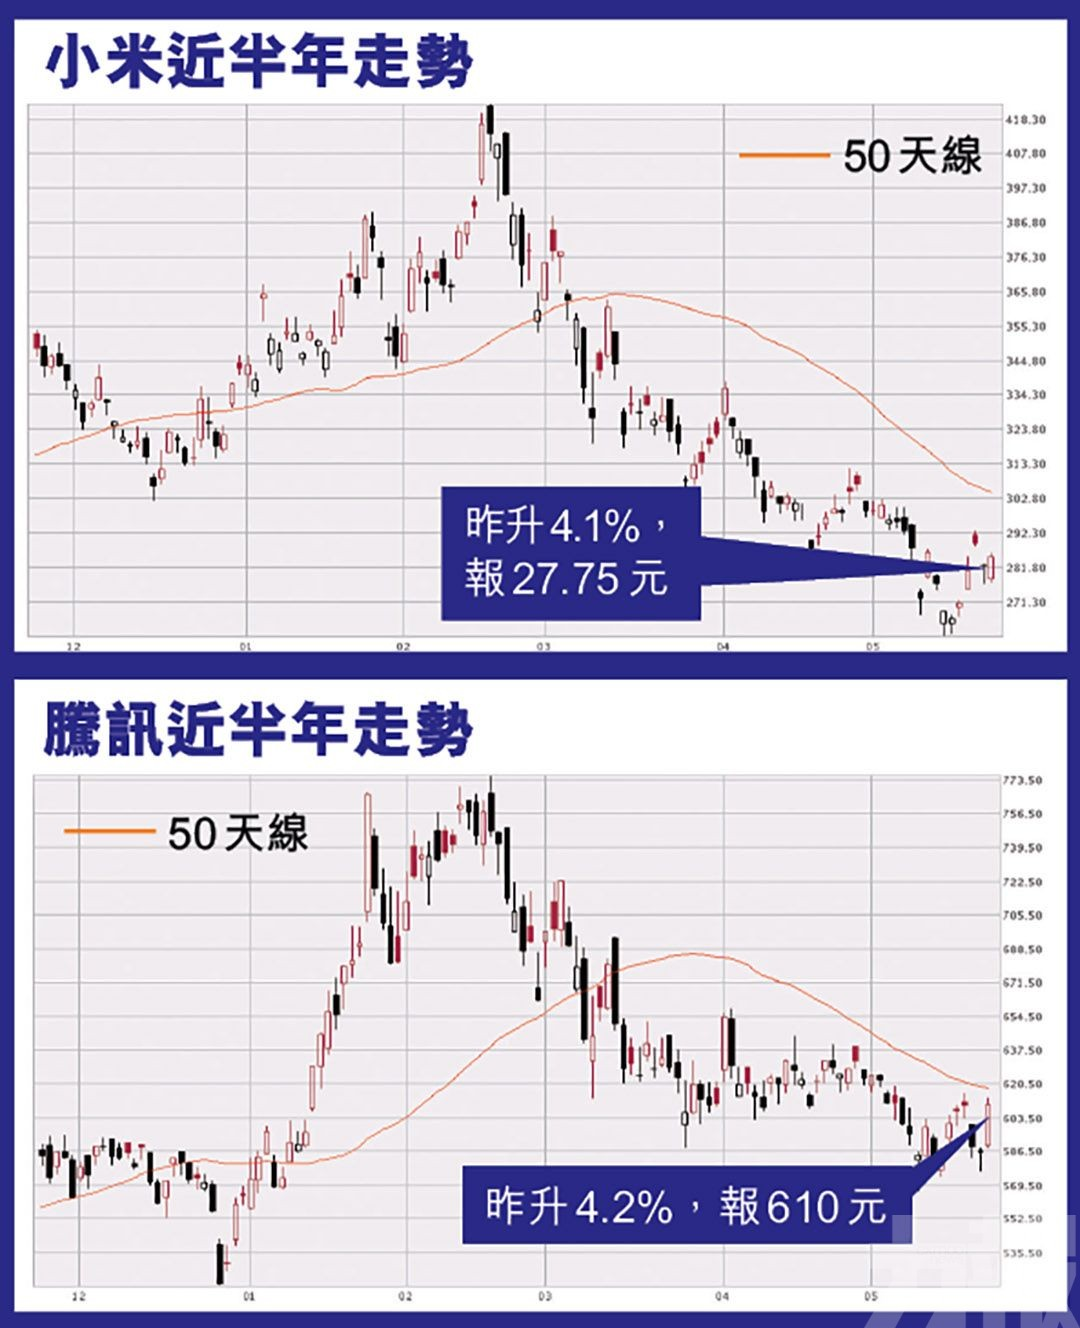 騰訊小米昨炒起升逾4%